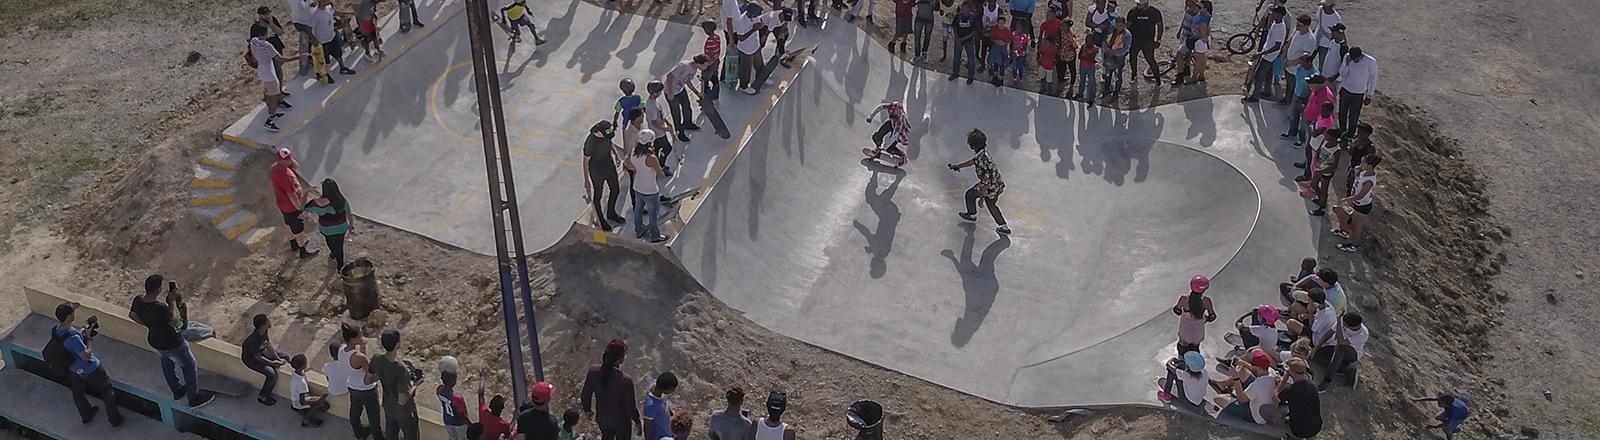 Skatepark in der Dominikanischen Republik